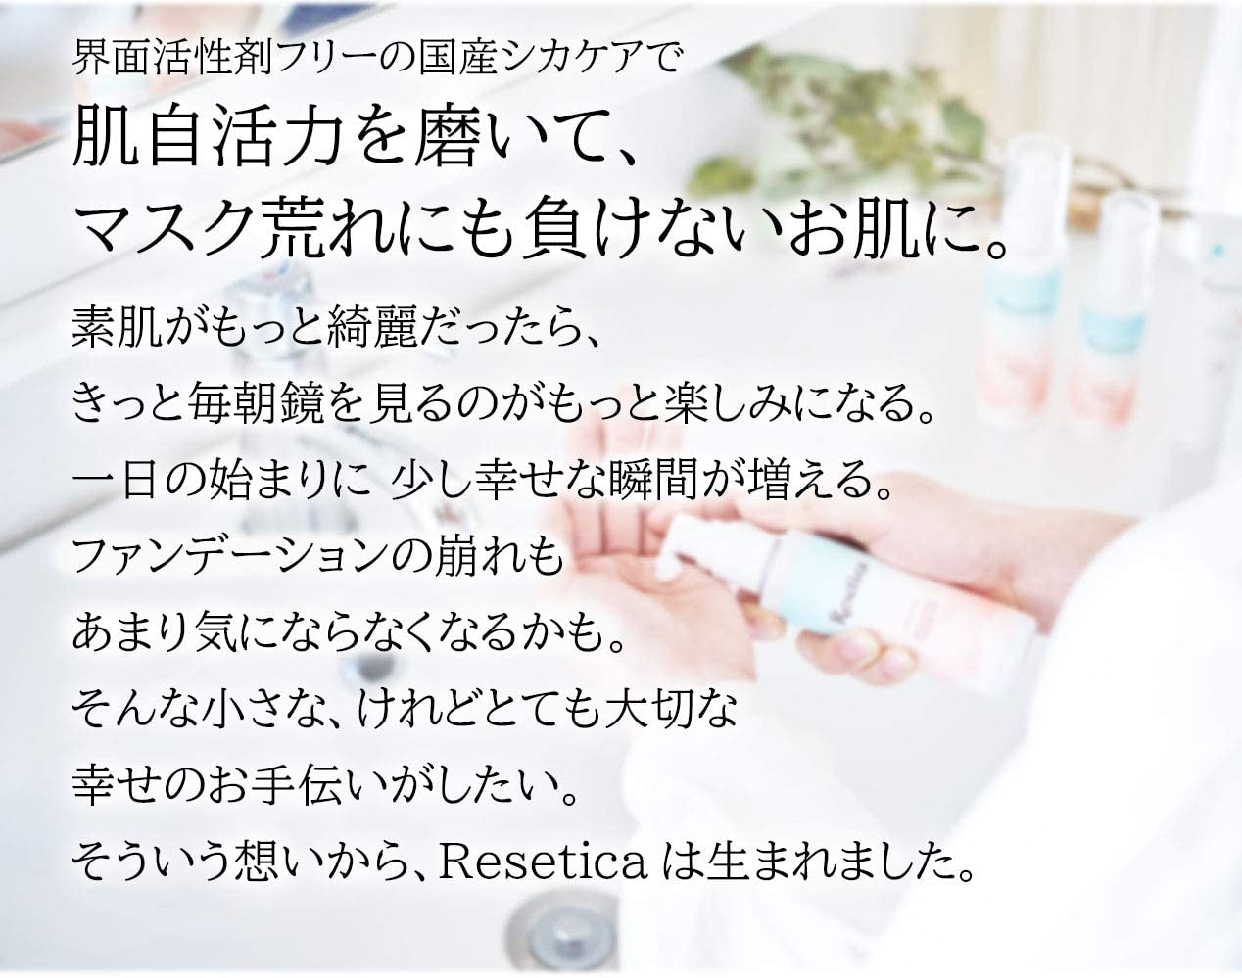 Resetica(リセチカ) RR モイストベールクリームの商品画像3